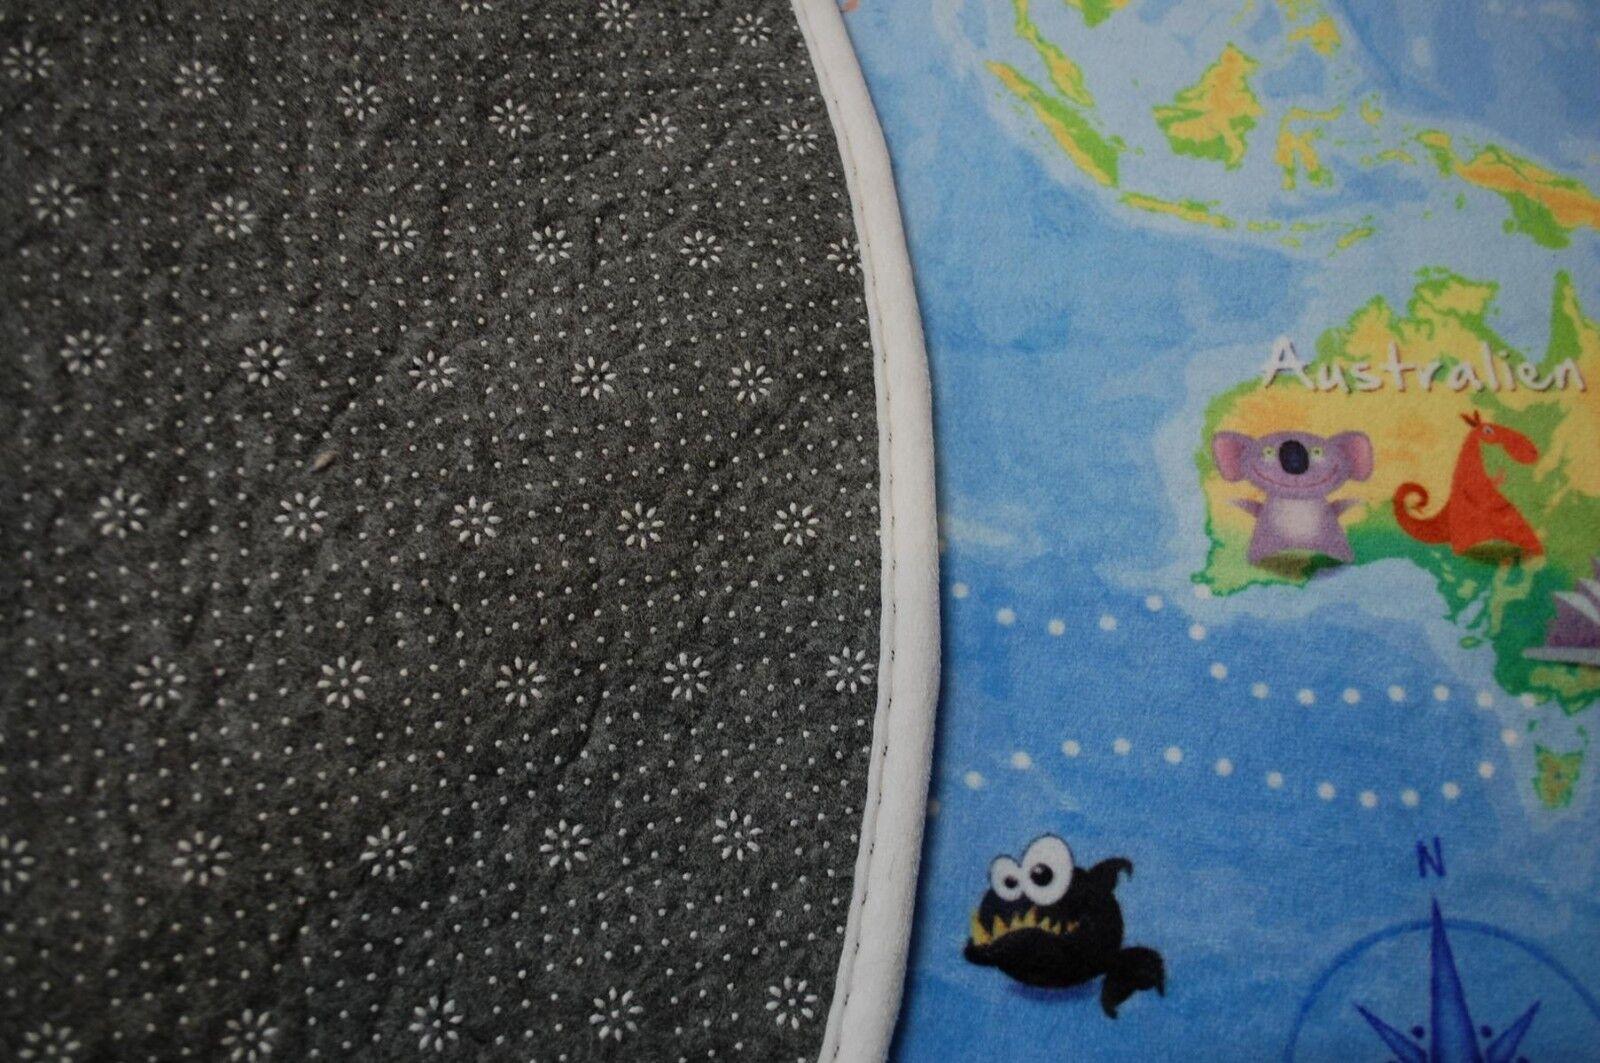 Gioco per per per bambini tappeto Mappa del mondo 100 cm Tondo lk-413 mondo la nostra terra NUOVO f61dfa